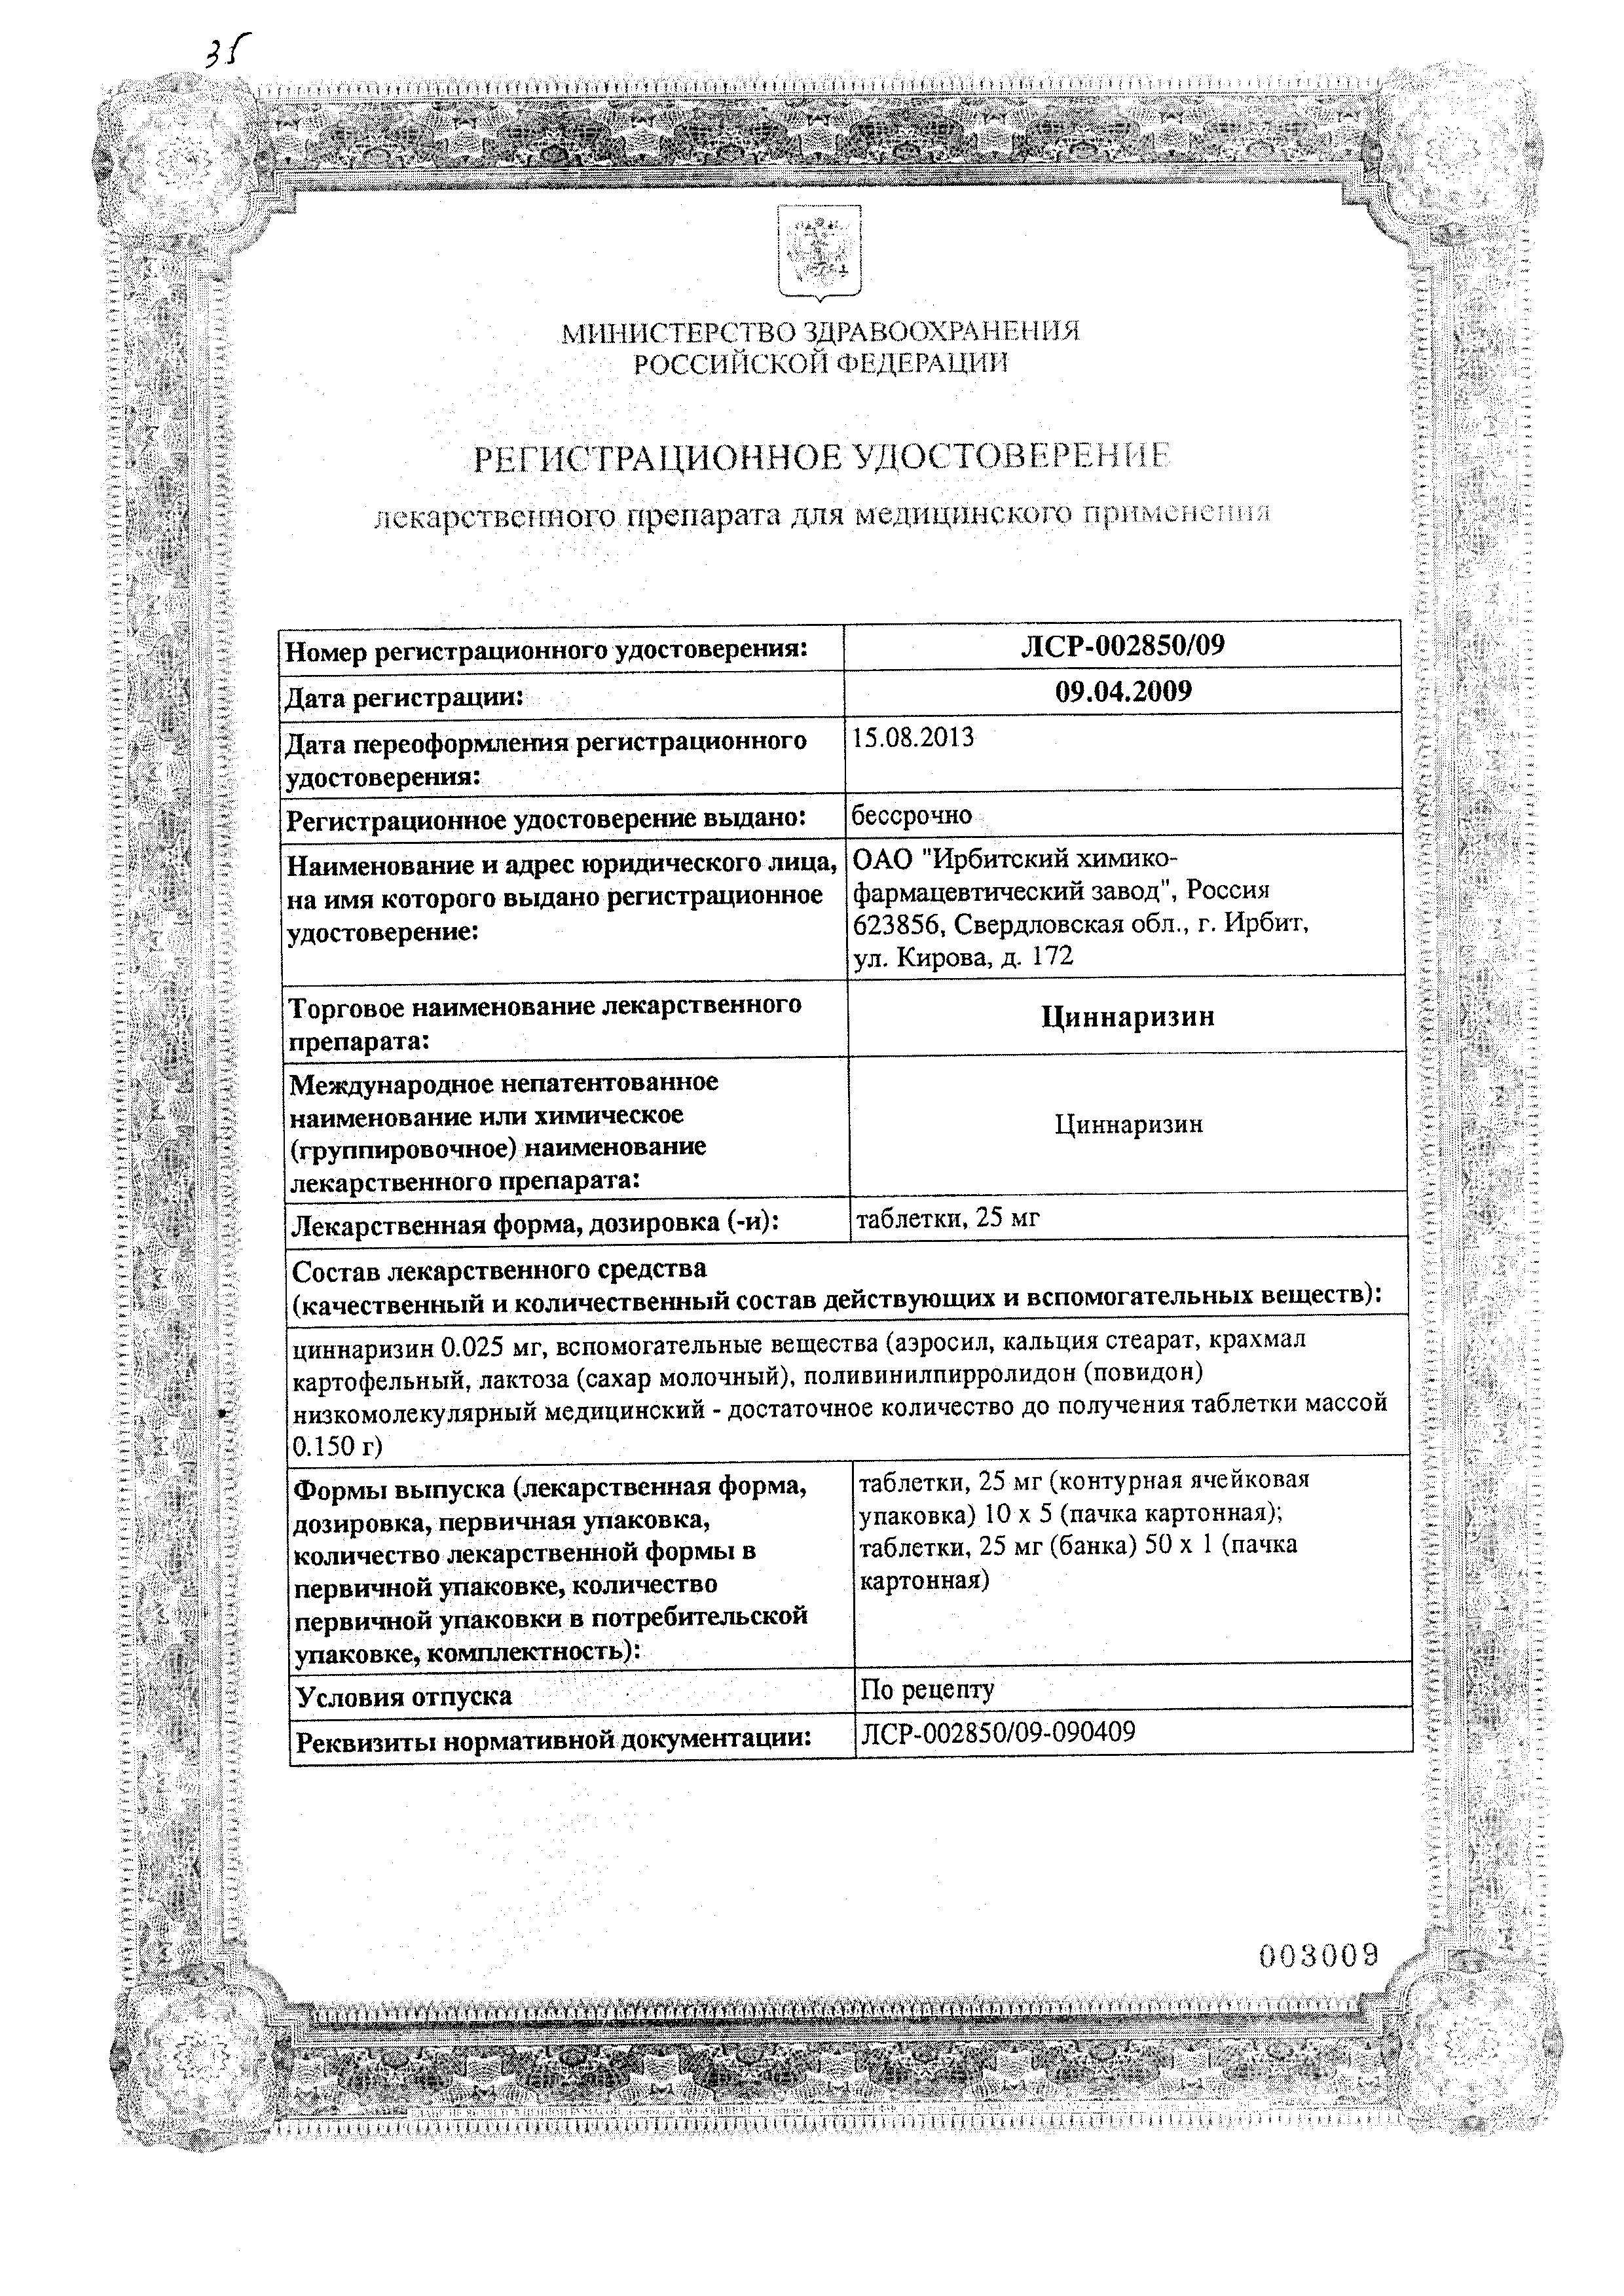 Циннаризин сертификат